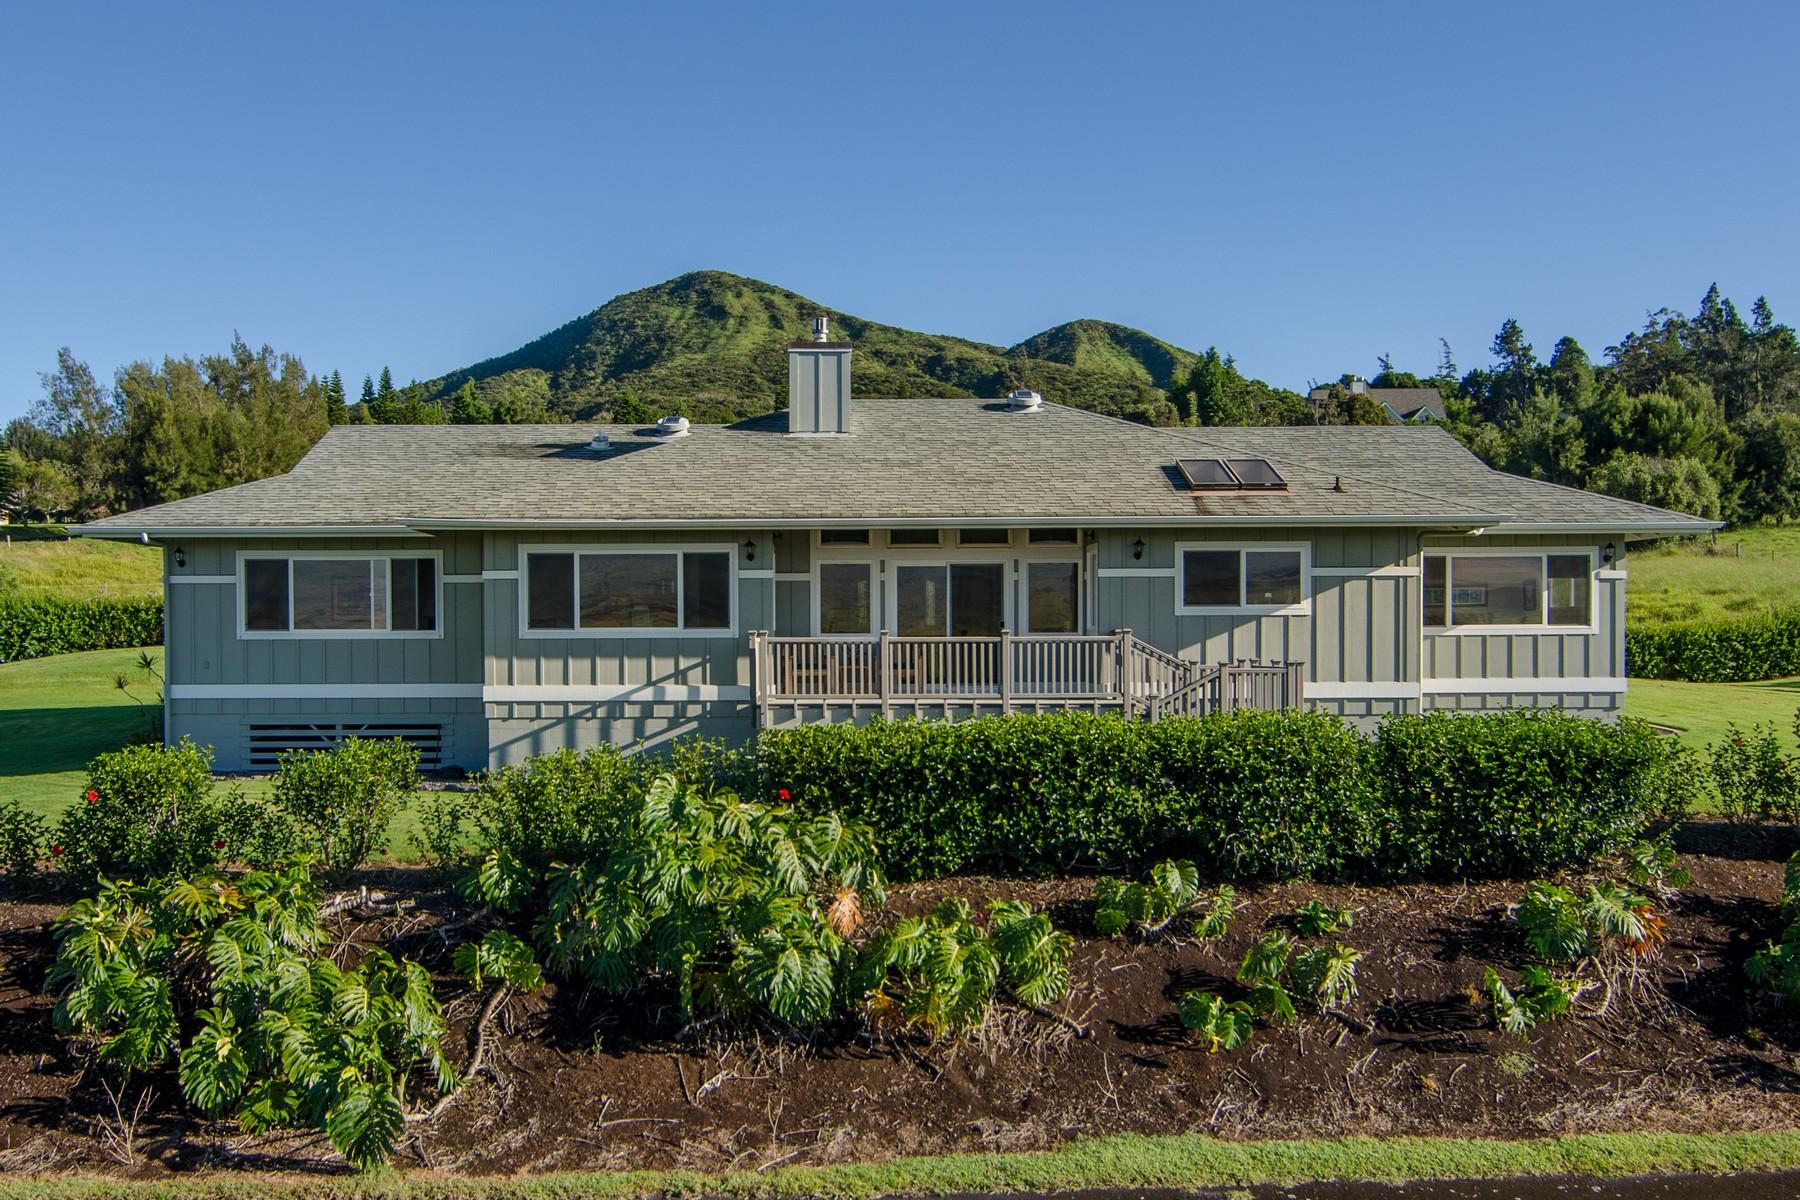 独户住宅 为 销售 在 Mokuloa Aoloa St Kamuela, 夏威夷 96743 美国